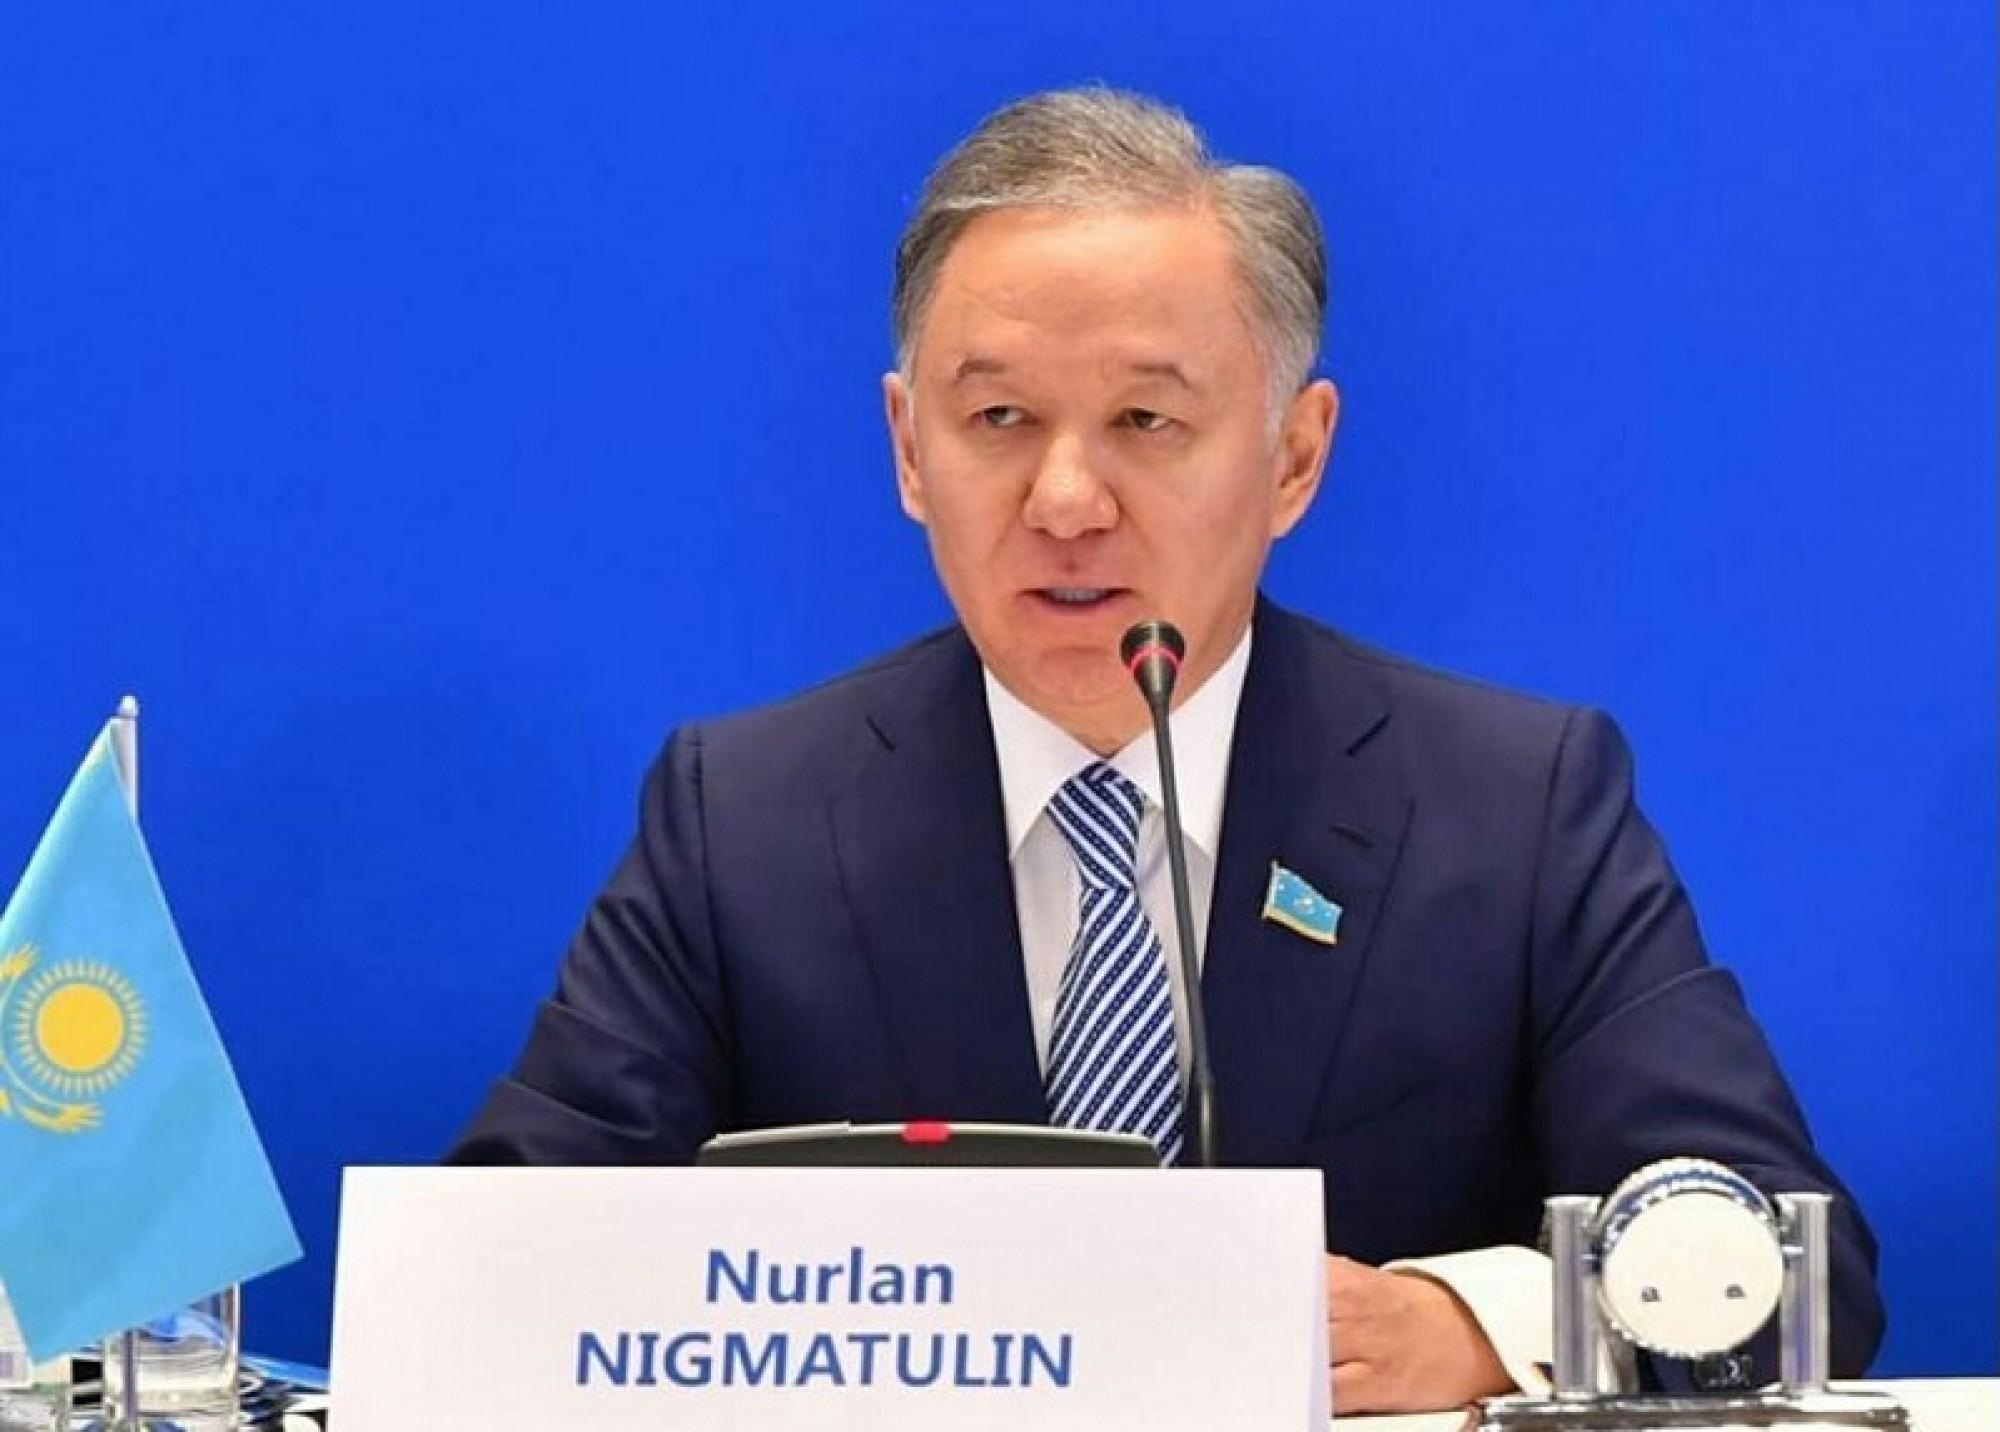 Нурлан Нигматулин прокомментировал выступление президента